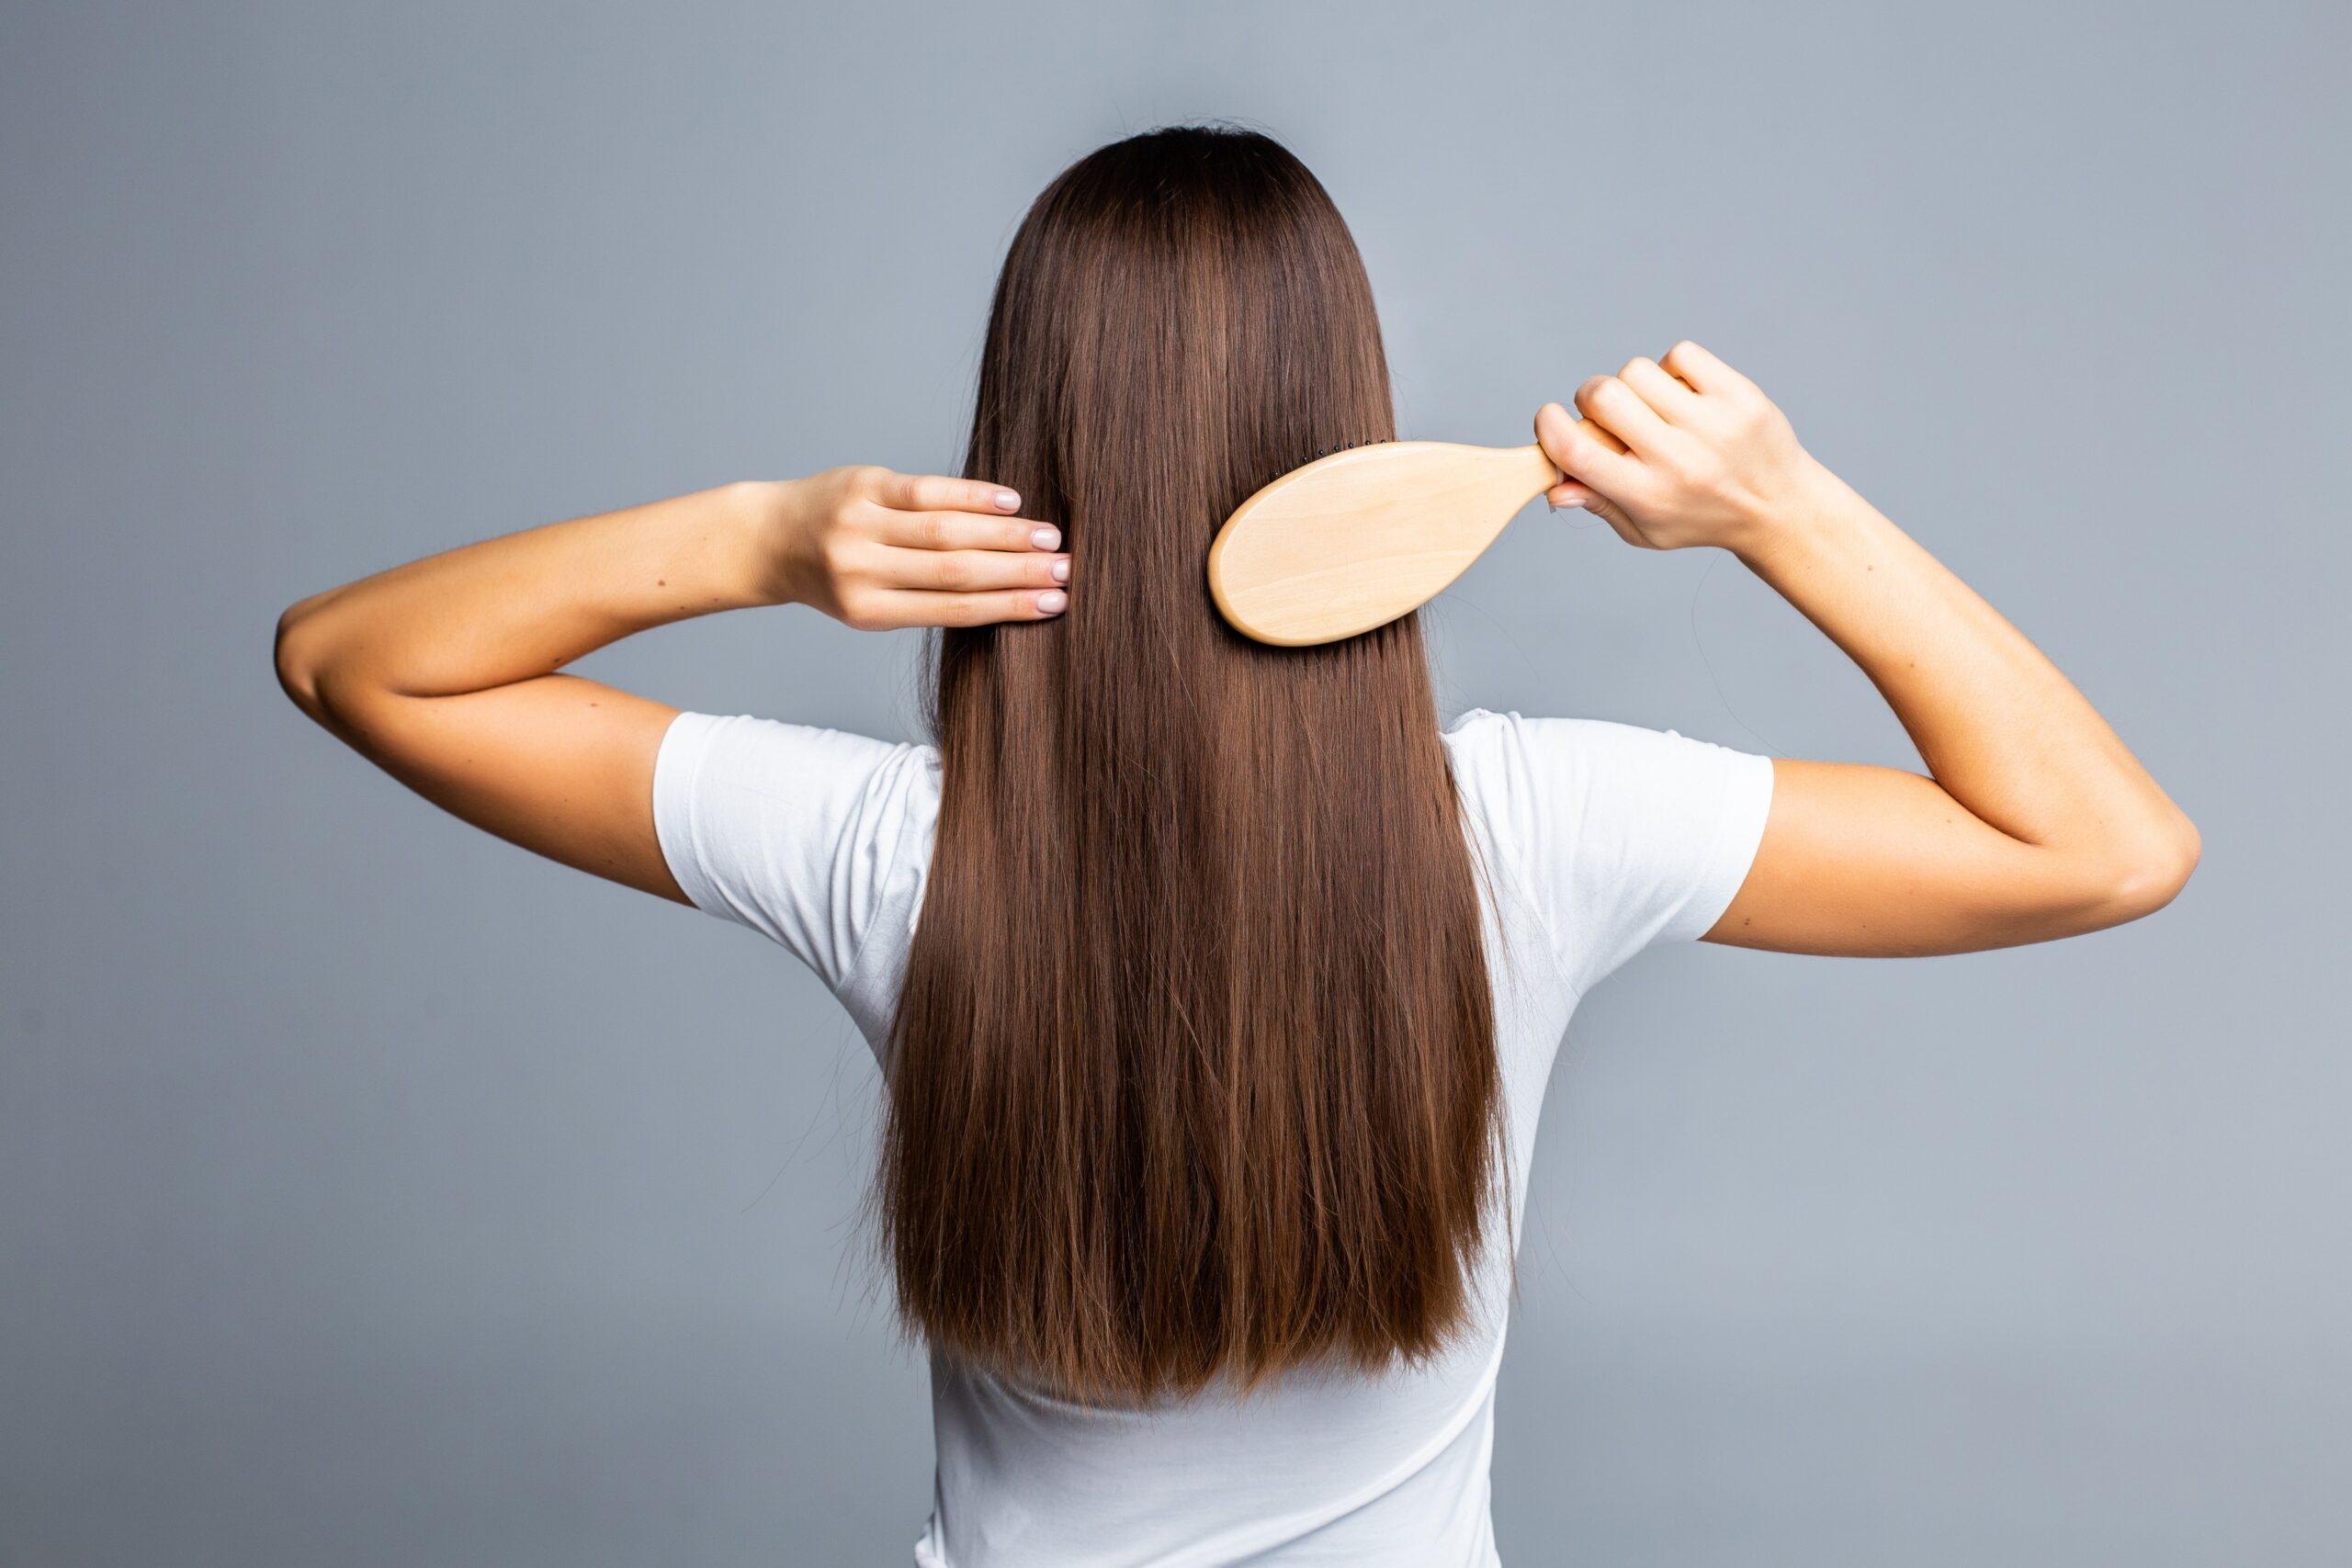 10 نکته برای مراقبت از مو + فروشگاه بای همراز